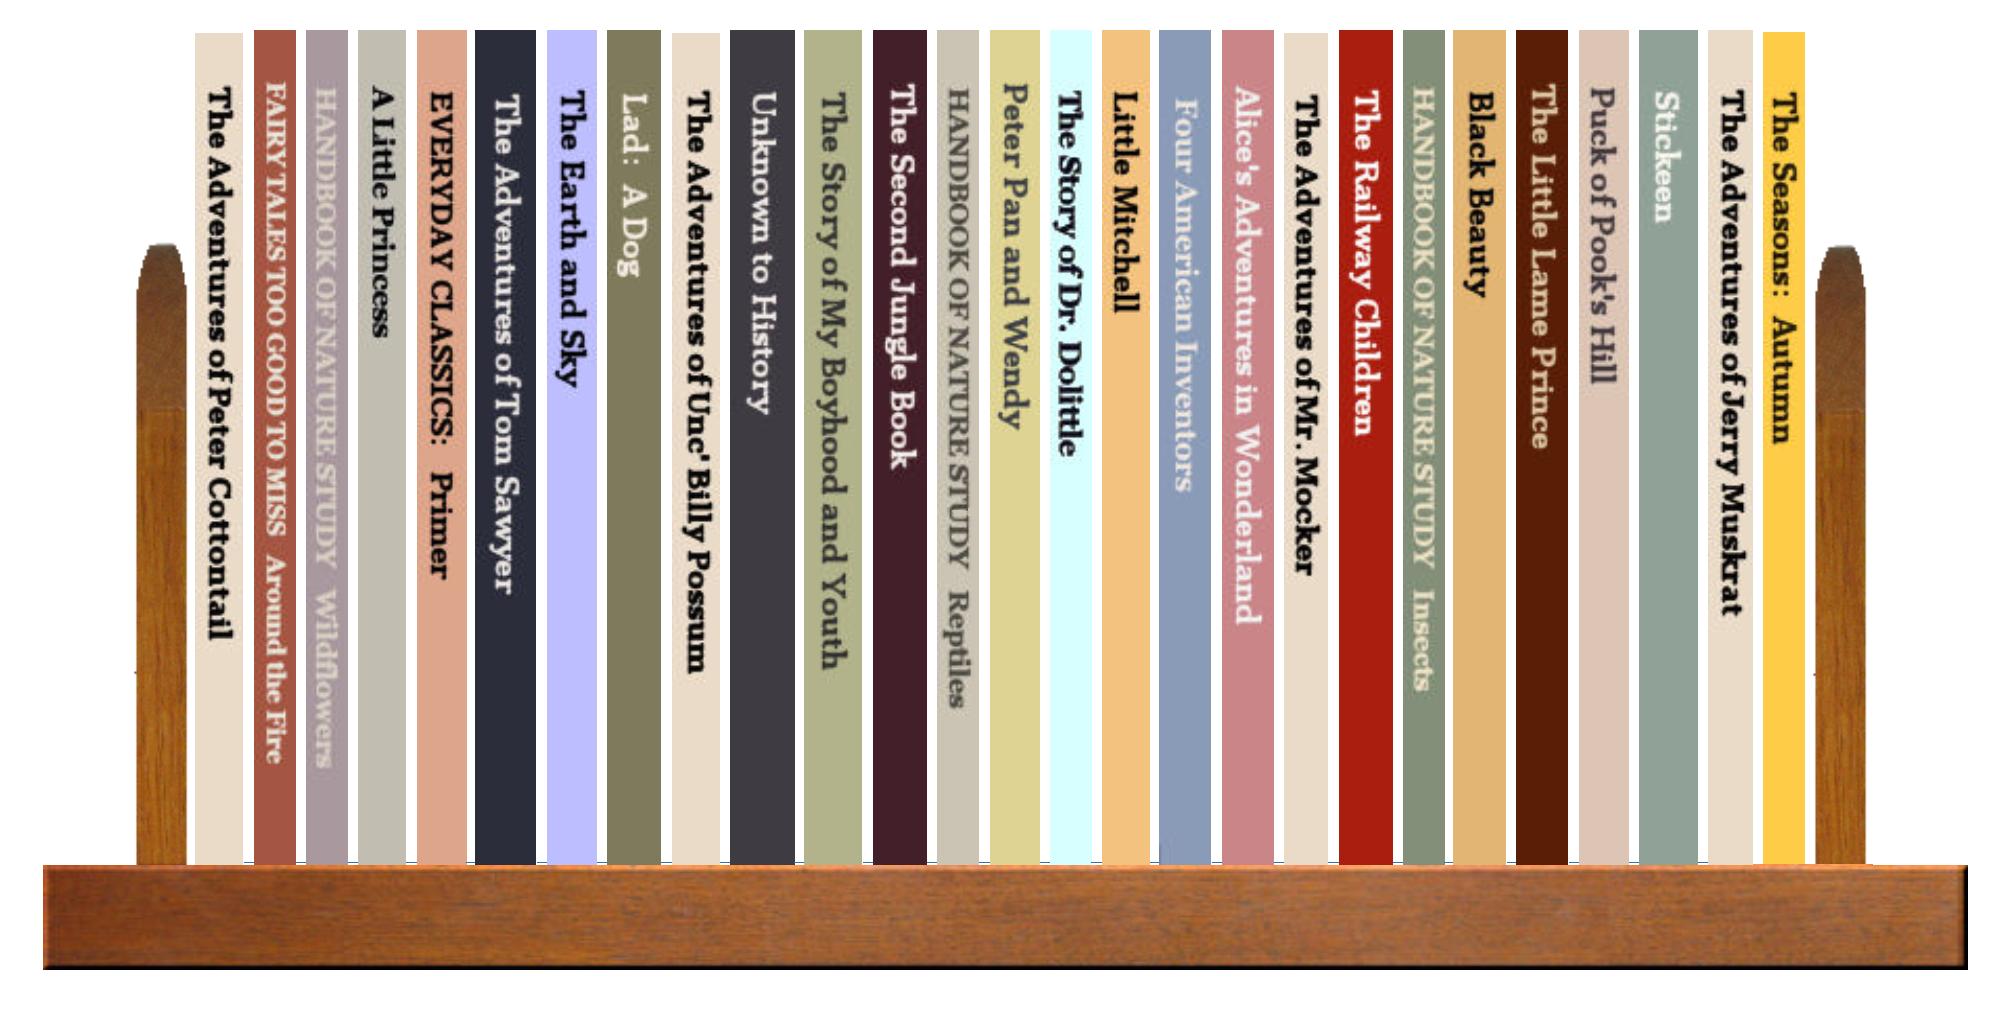 Full Shelf of Books, 2 of 4